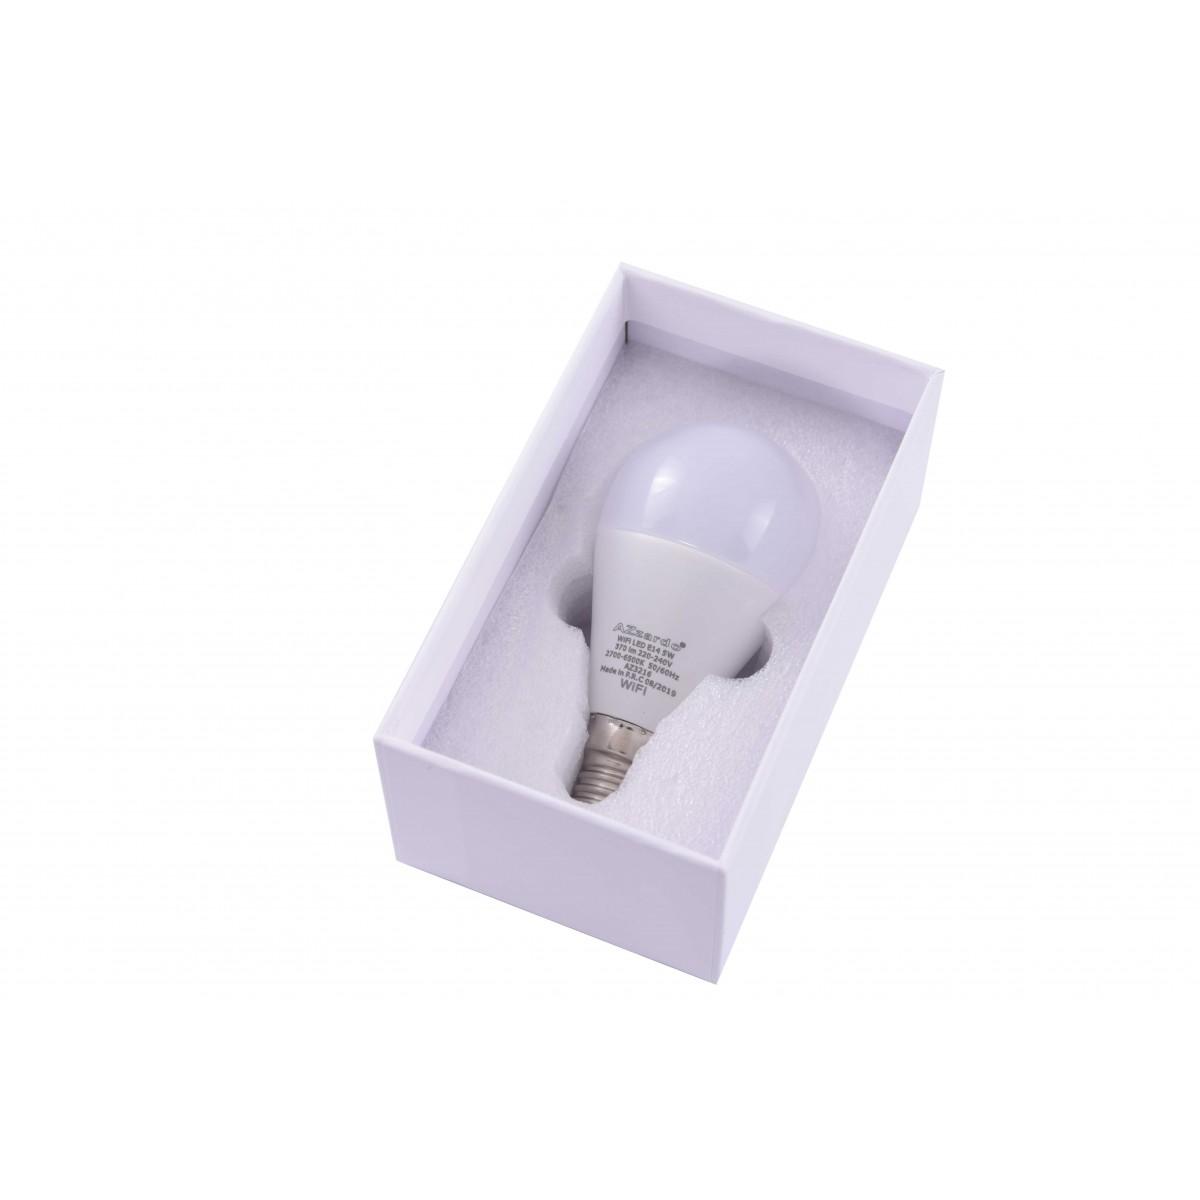 AZZARDO SMART Żarówka LED WiFi E14 5W AZ3216